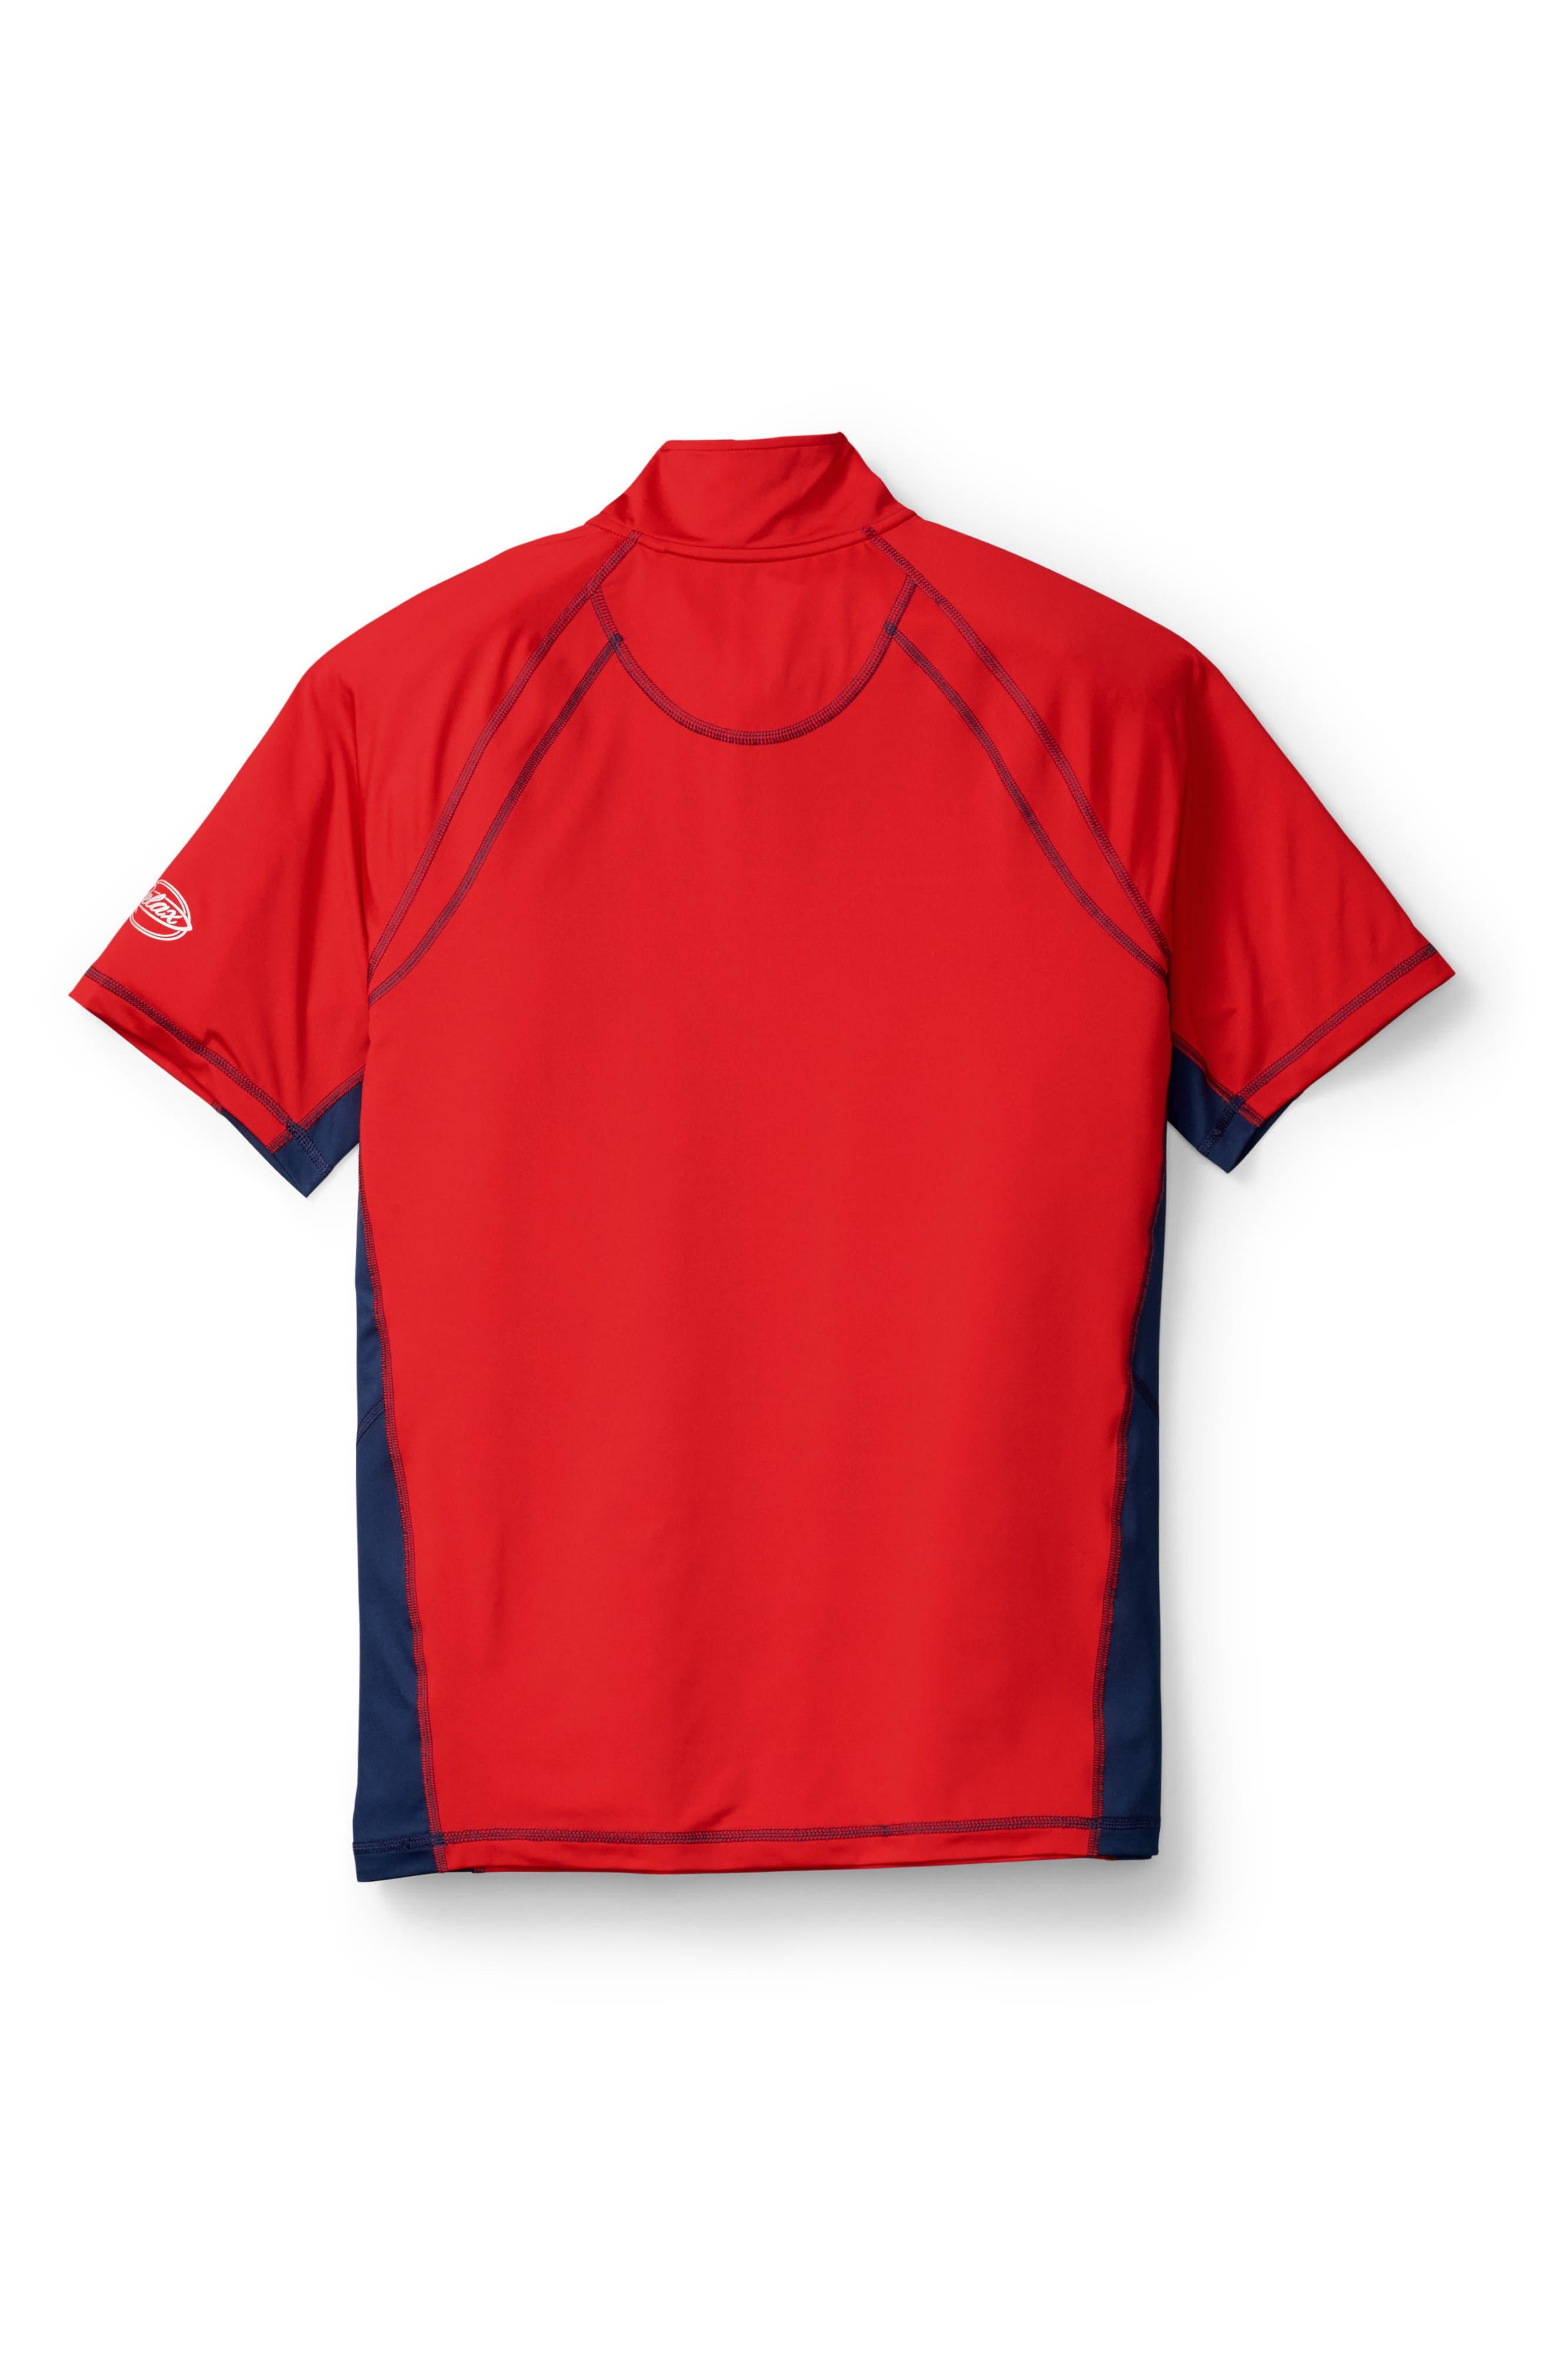 Tour de Surf Tech Shirt,                         Main,                         color, Cherry Tomato